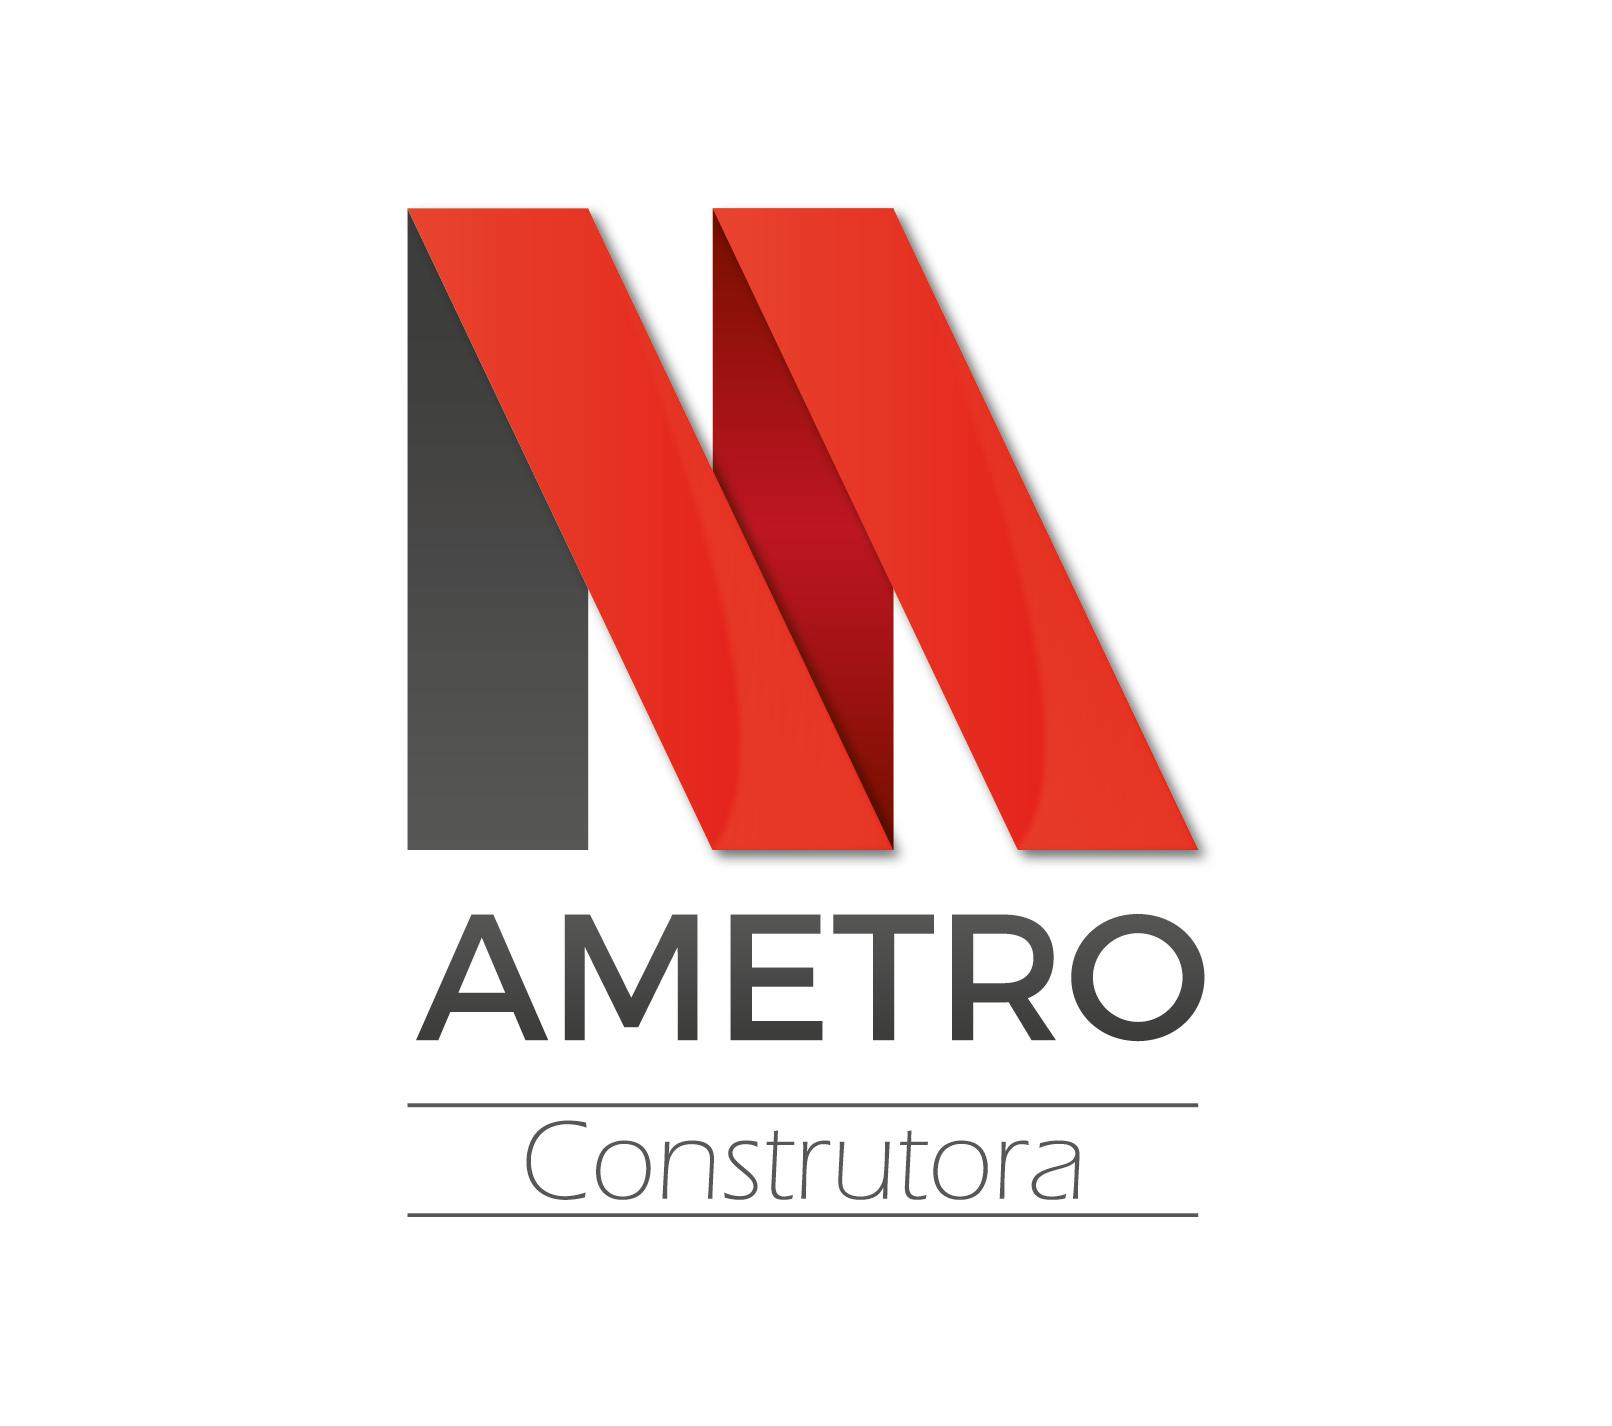 Ametro Construtora